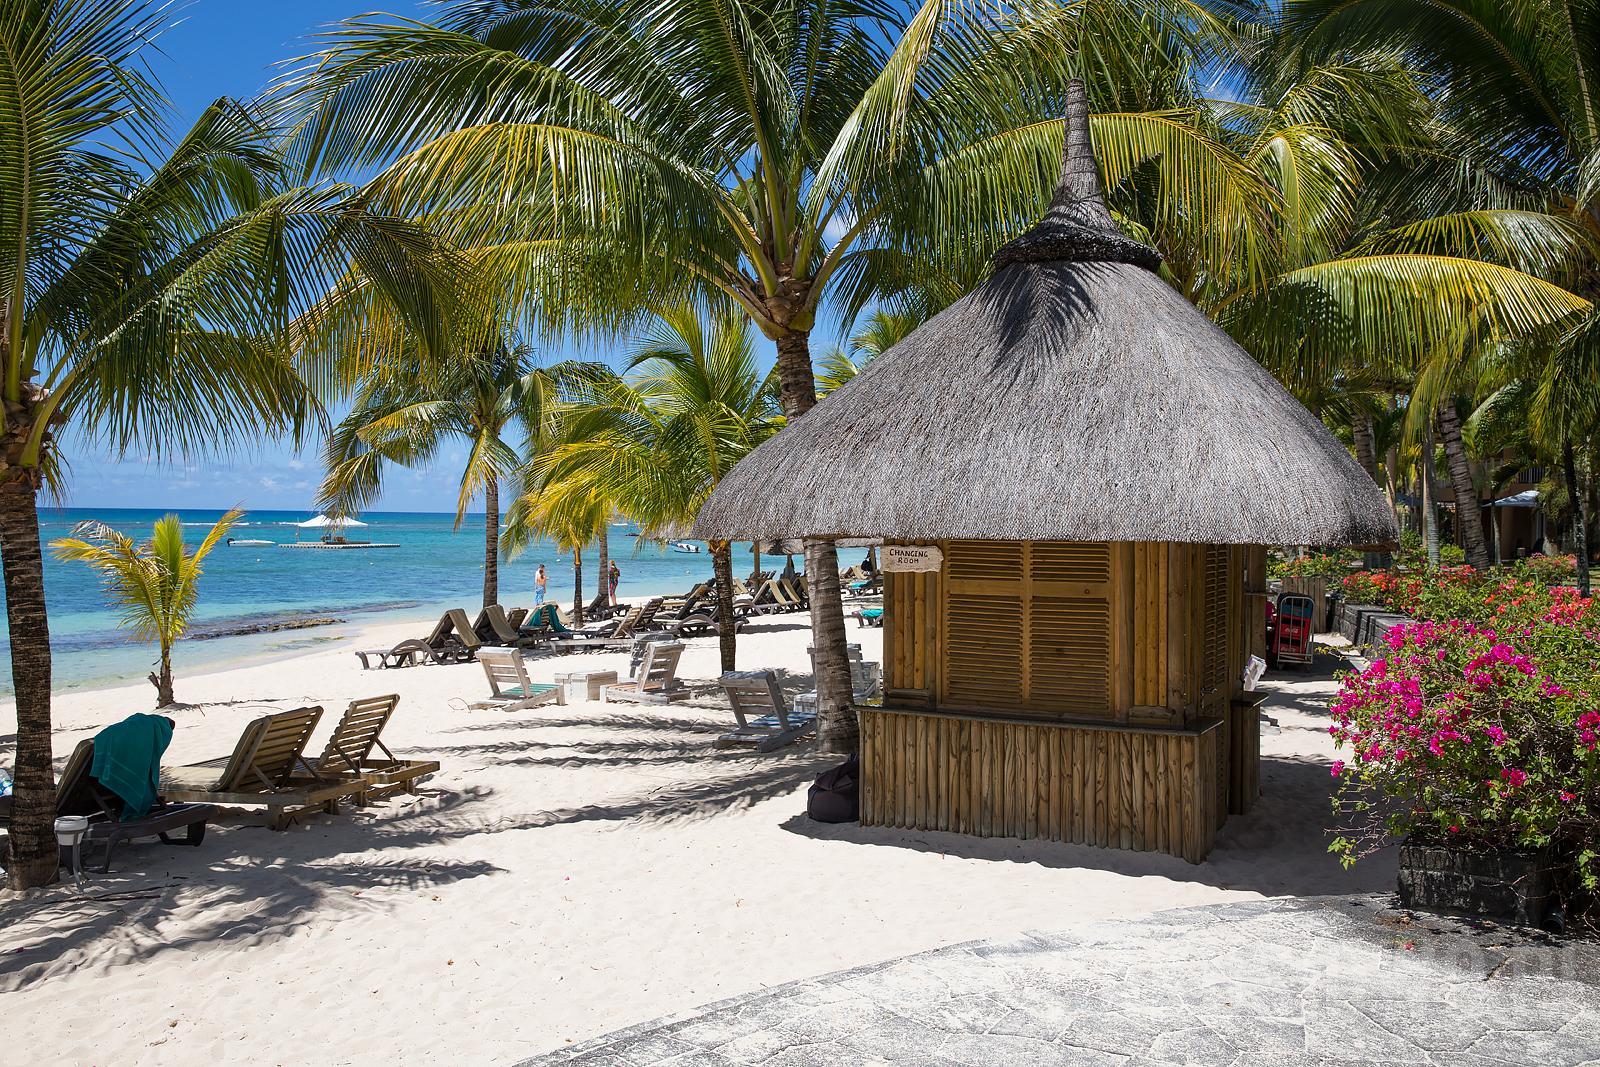 mauritius-le-meridien-photos-71